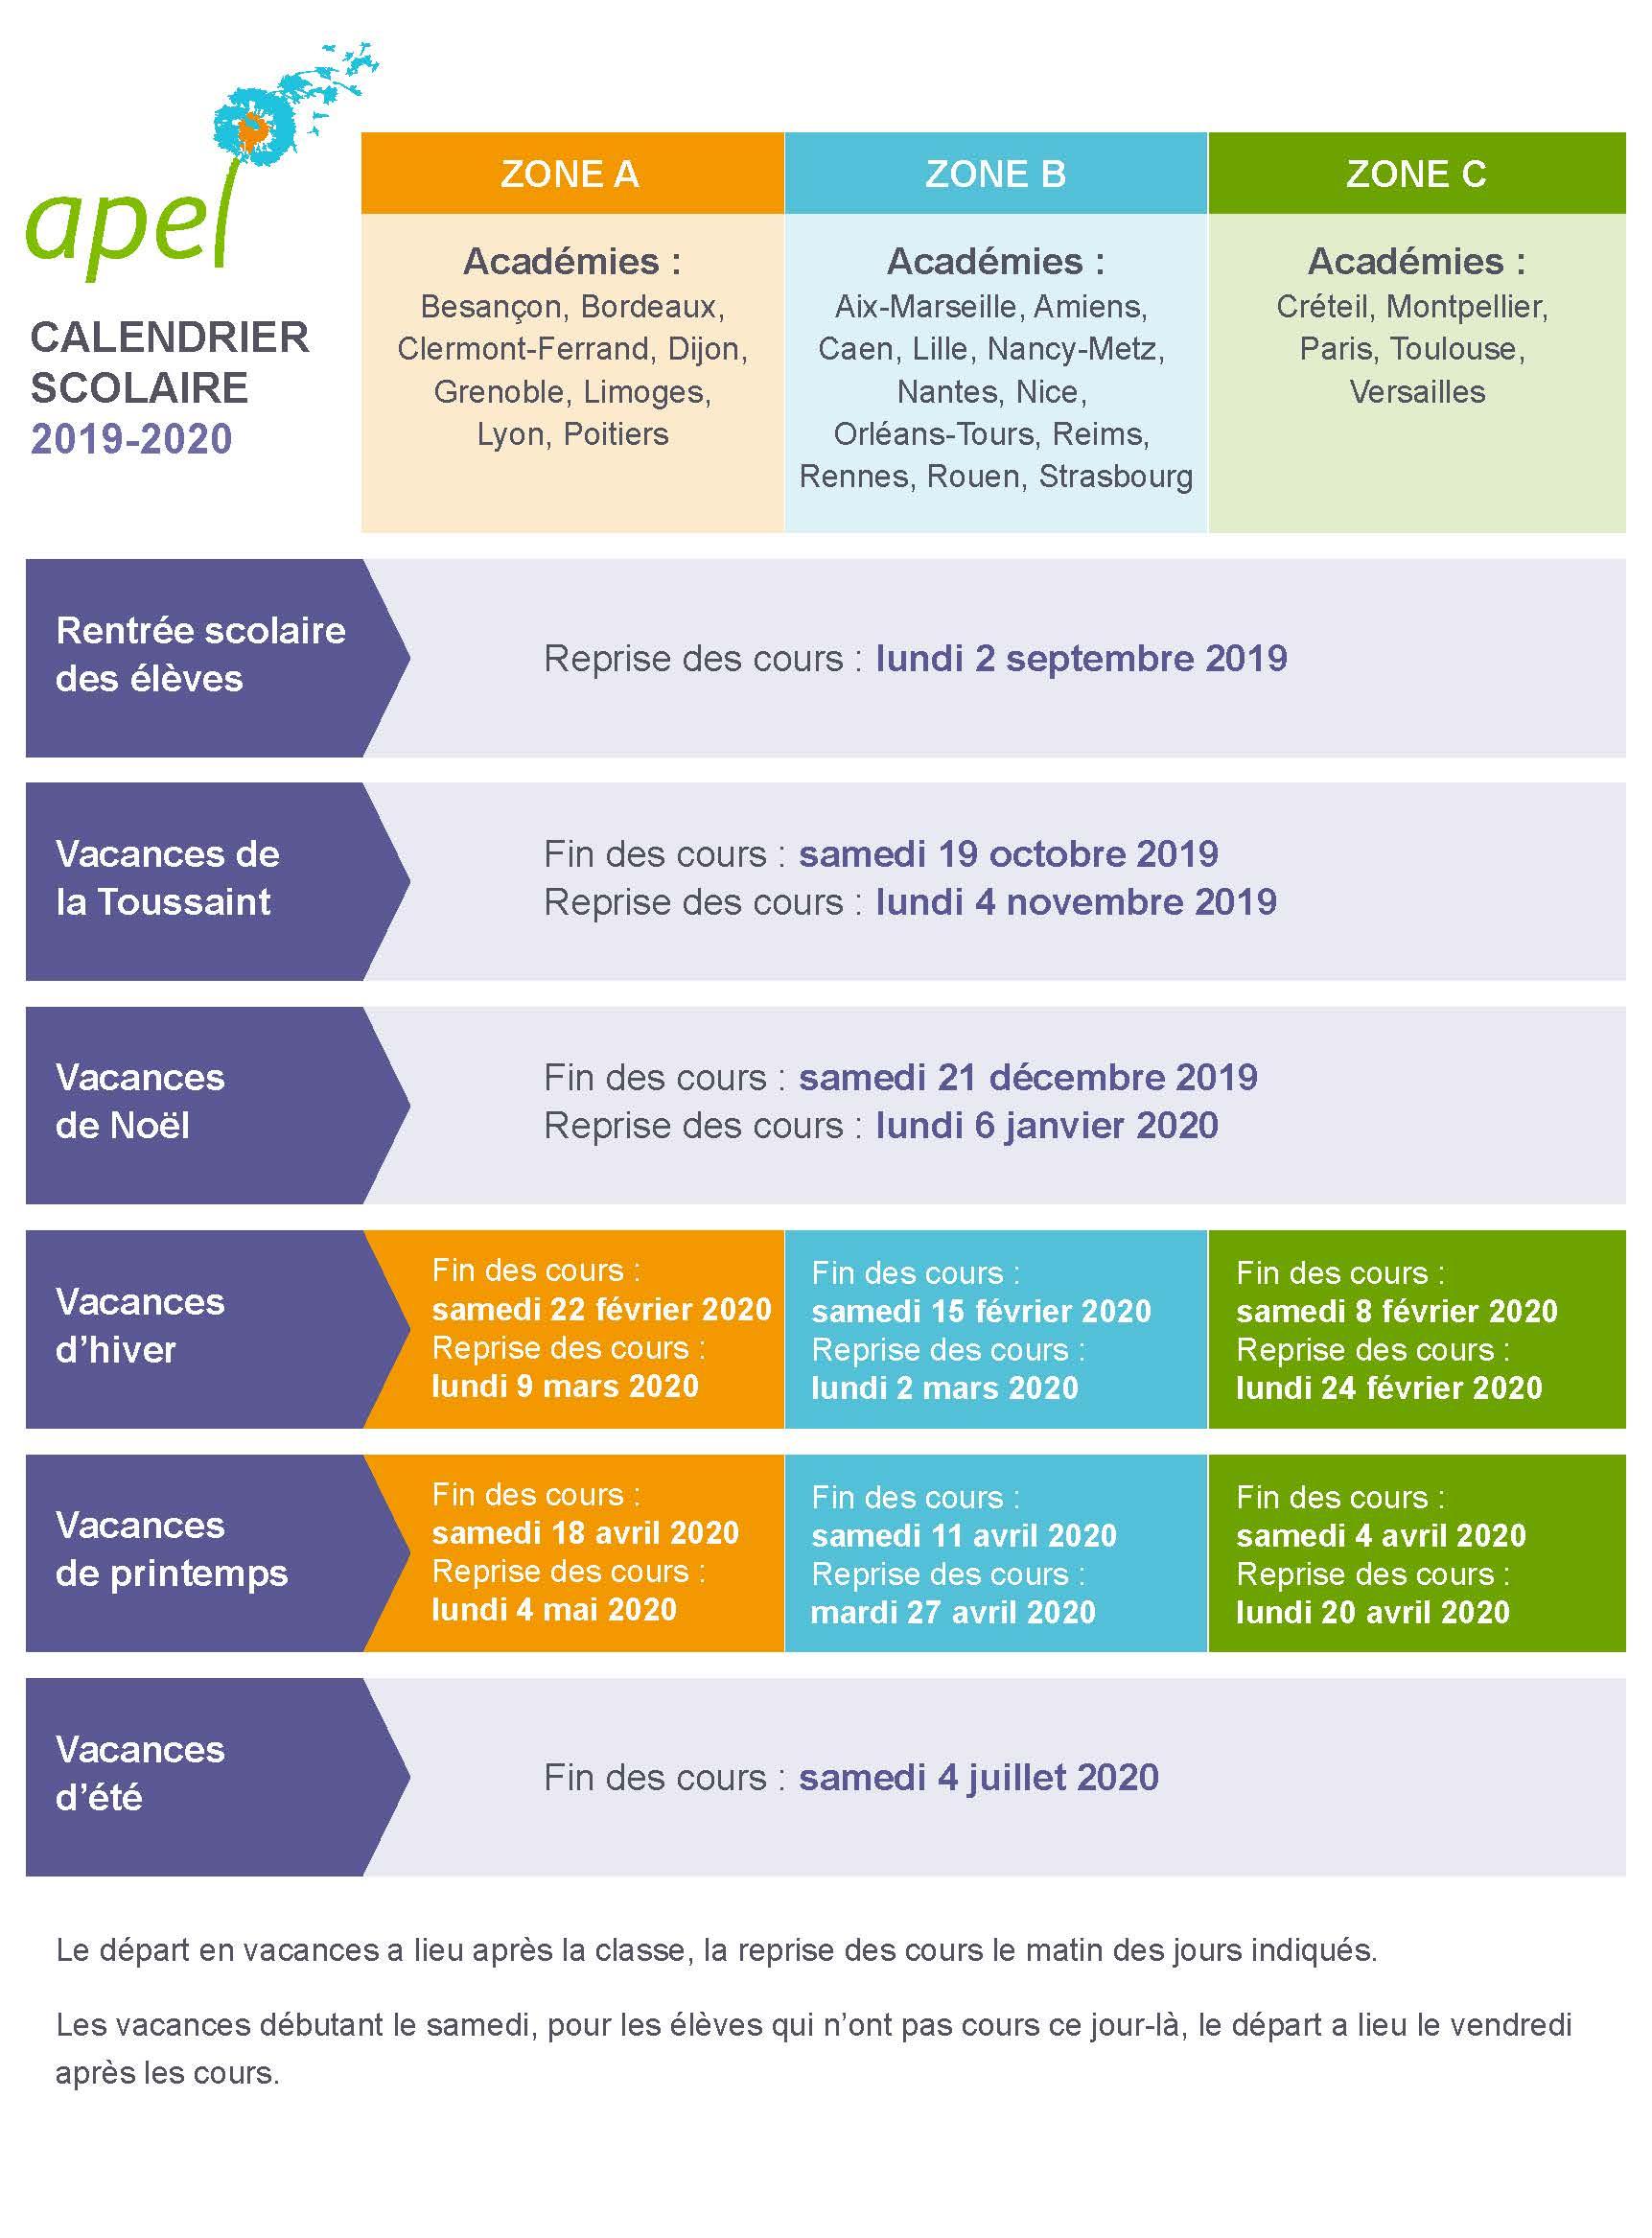 Calendrier Scolaire 2020 2019.Calendrier Vacances 2019 2020 Vacances Scolaires Academie